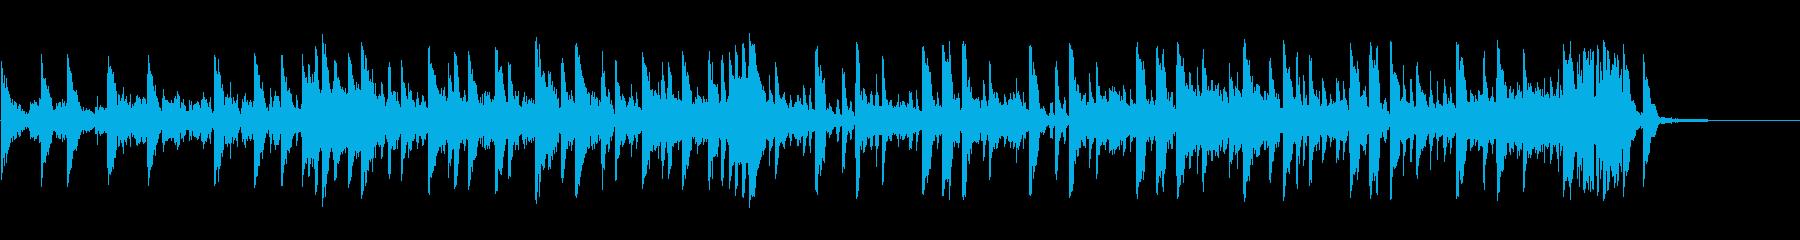 神秘的な代替ロックテーマの再生済みの波形